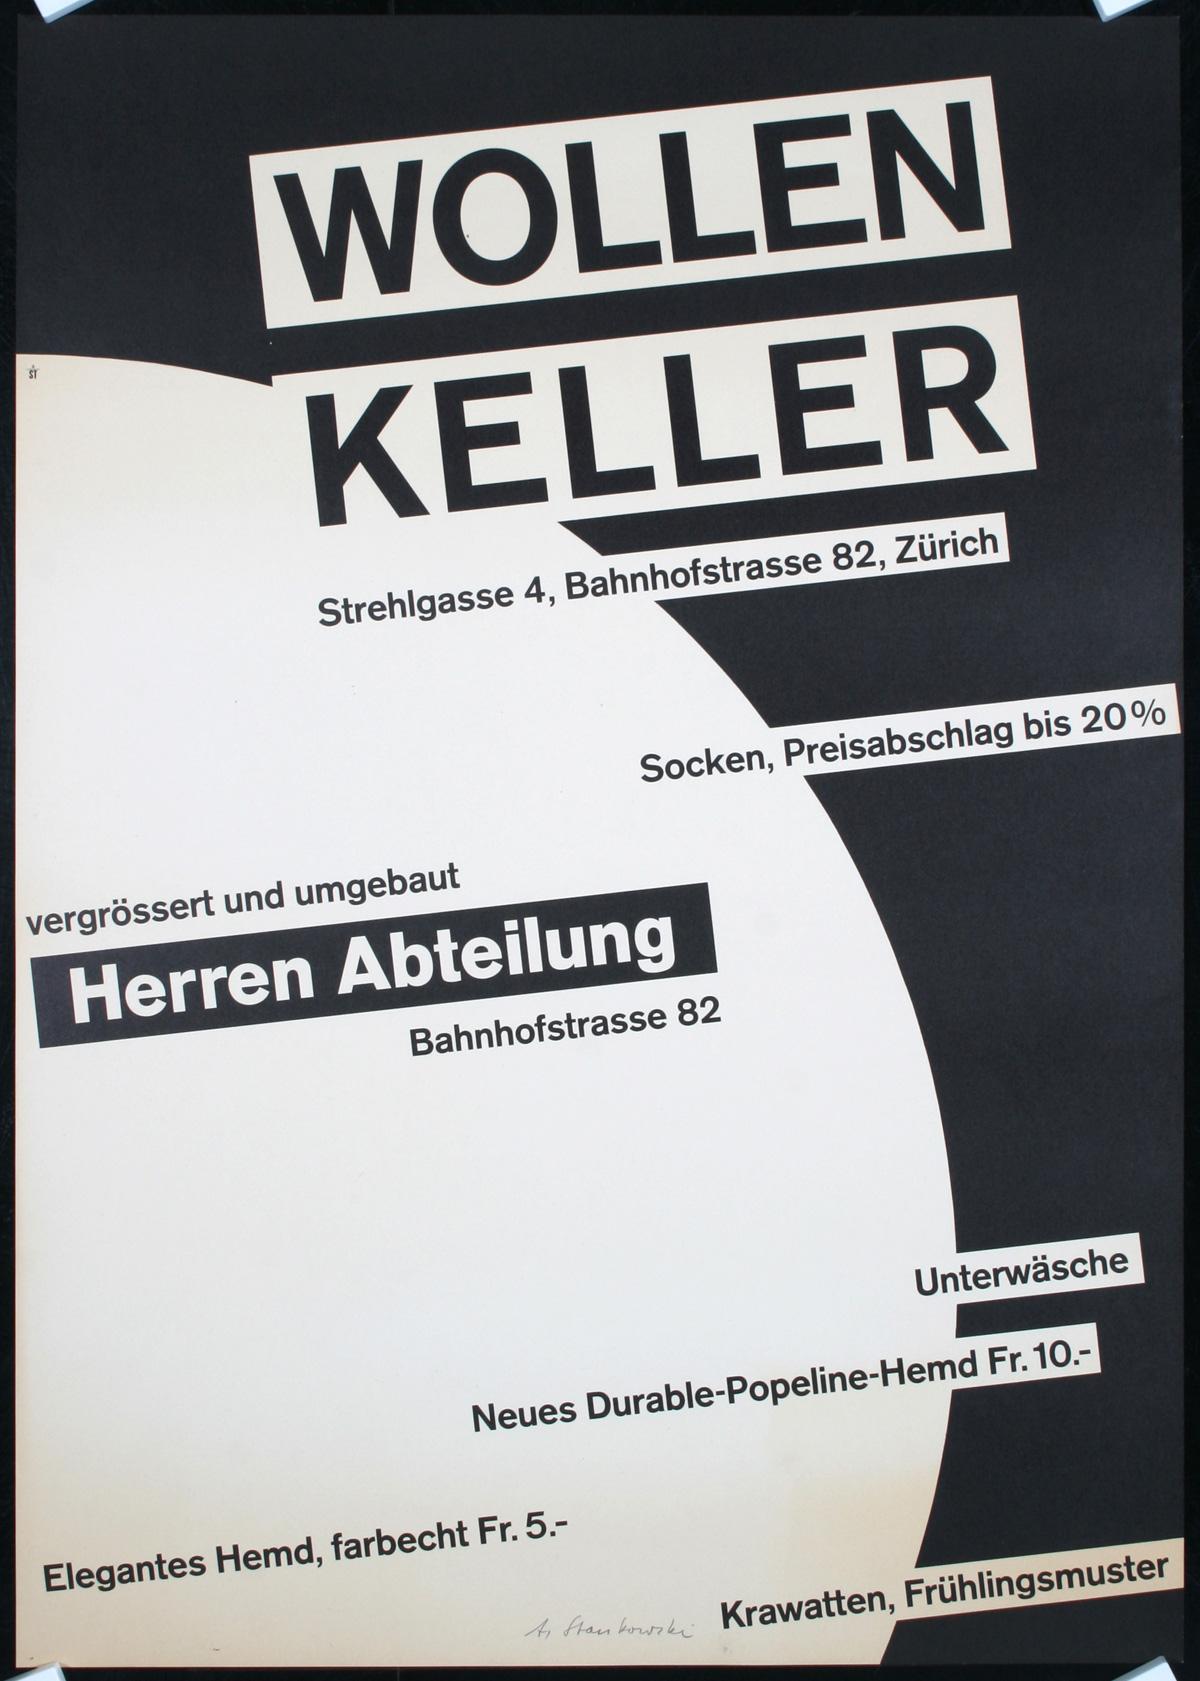 Wollen Keller